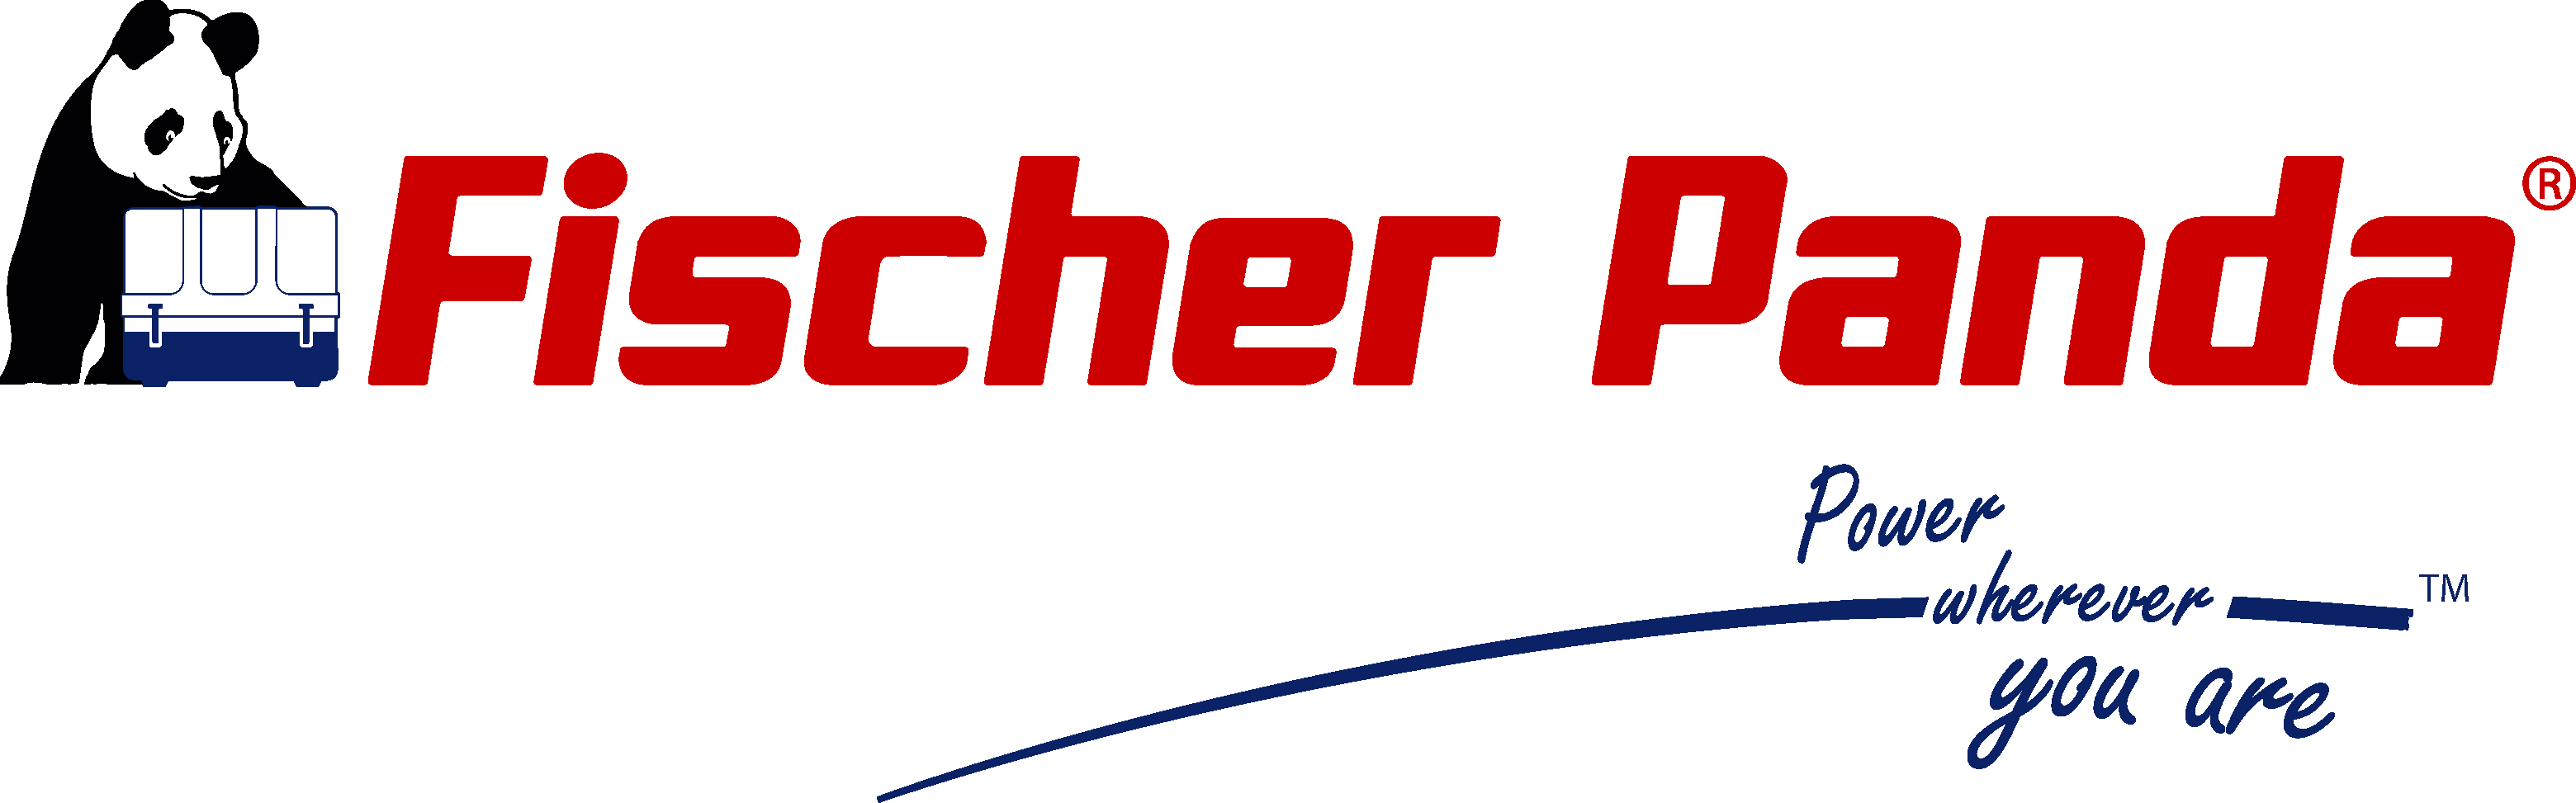 Fischer Panda - Vehicle generators